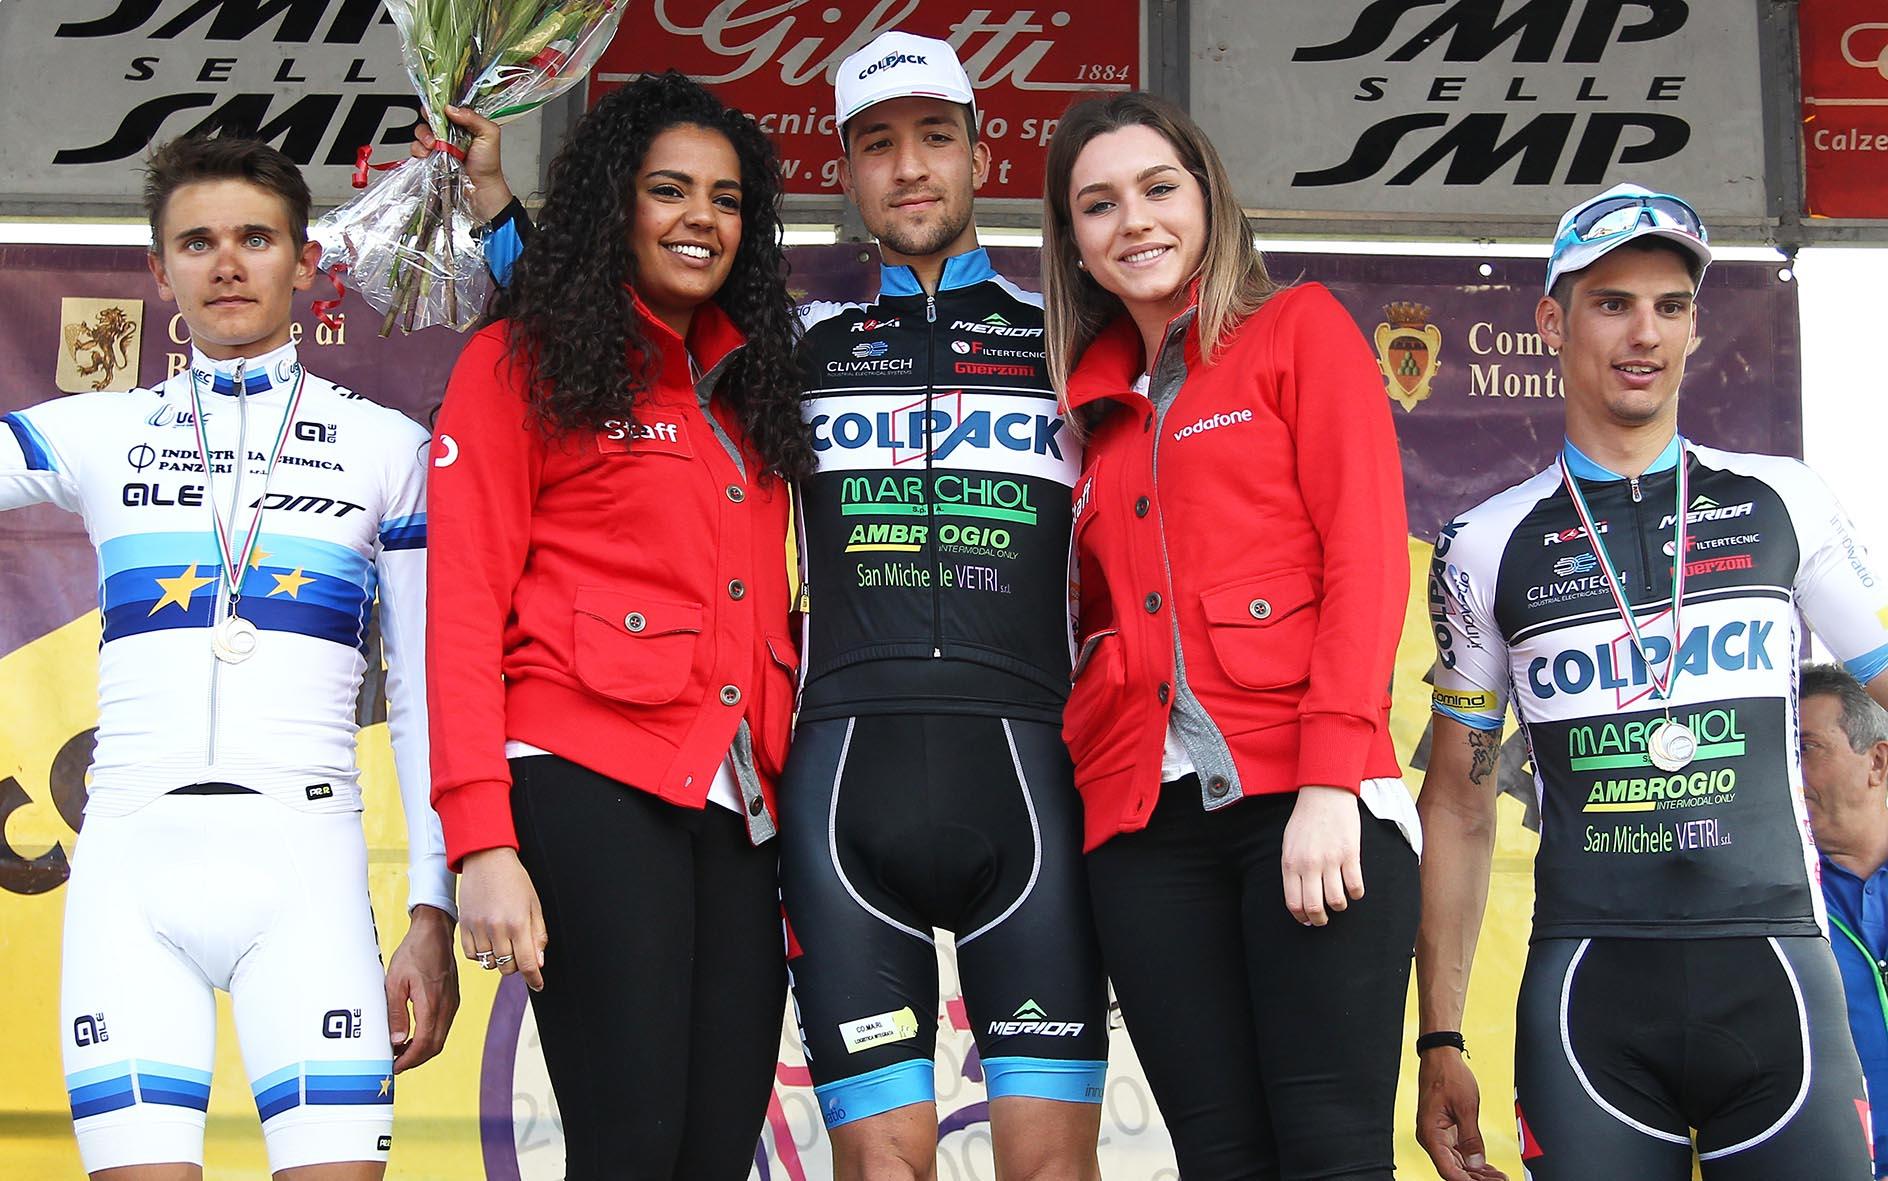 Il podio della 69/a Coppa Comune di Calenzano